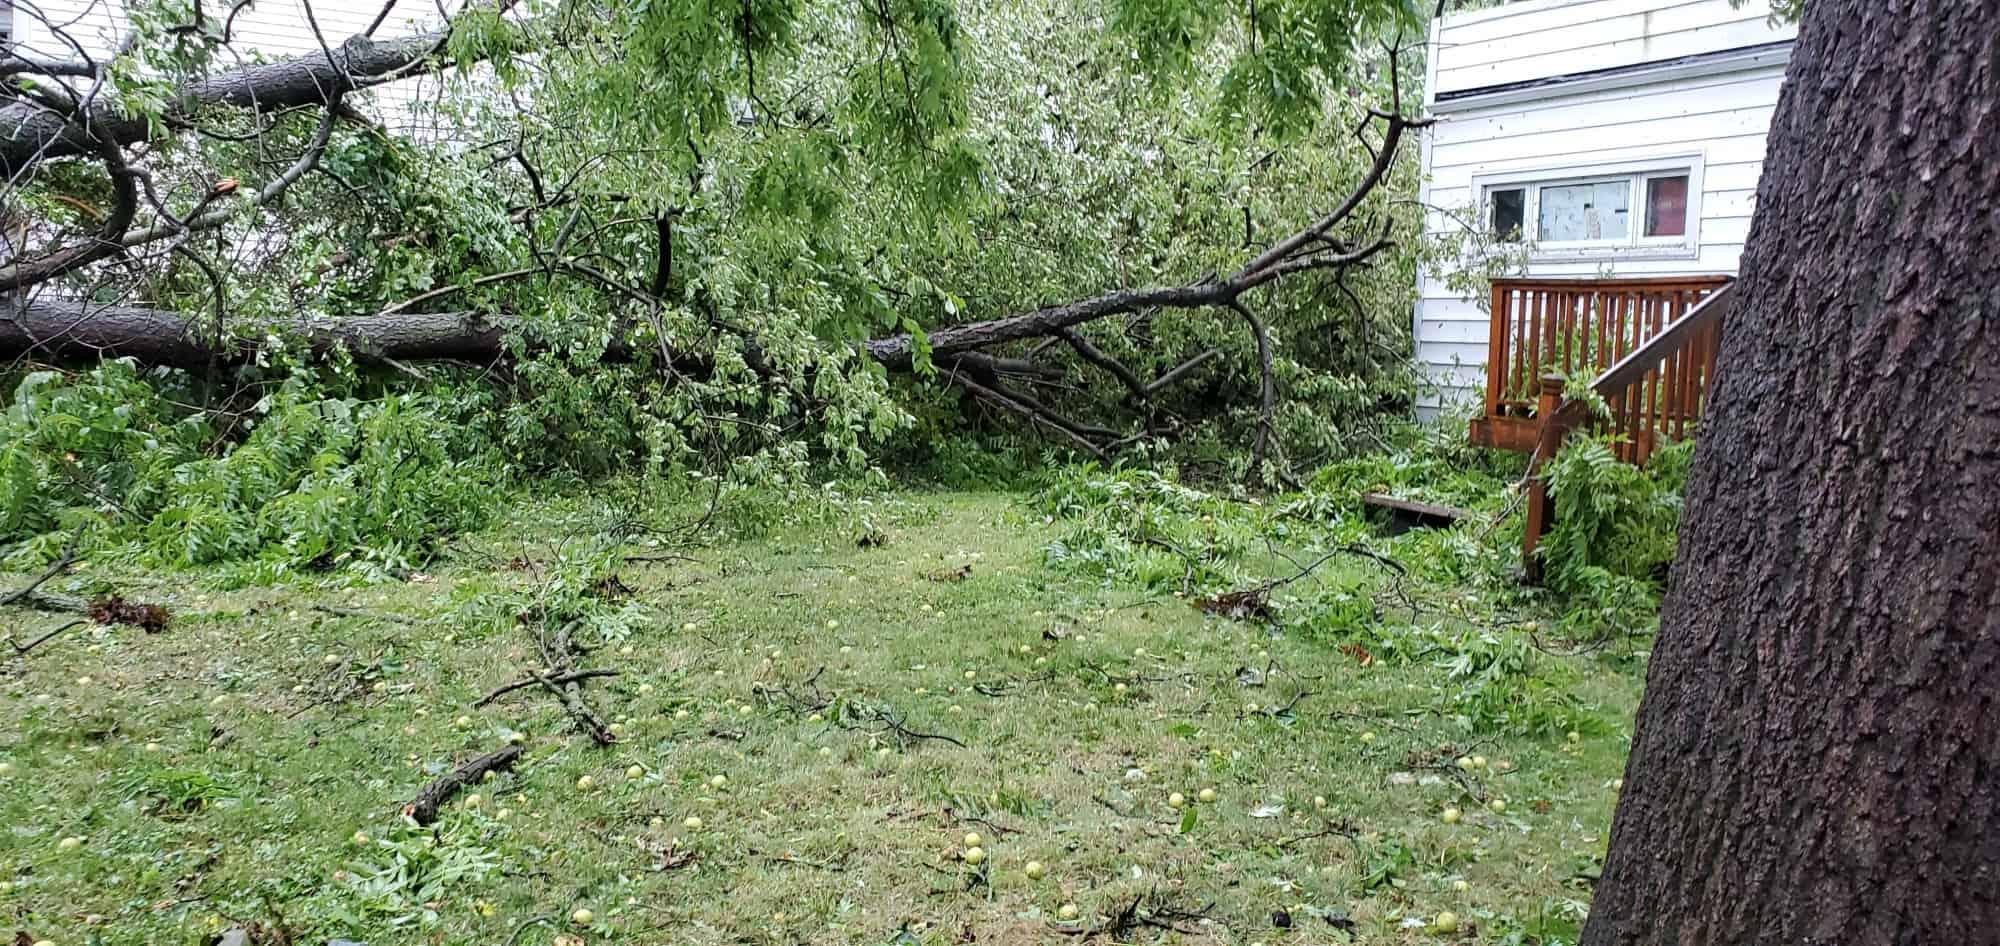 Tree down Derecho storm damage